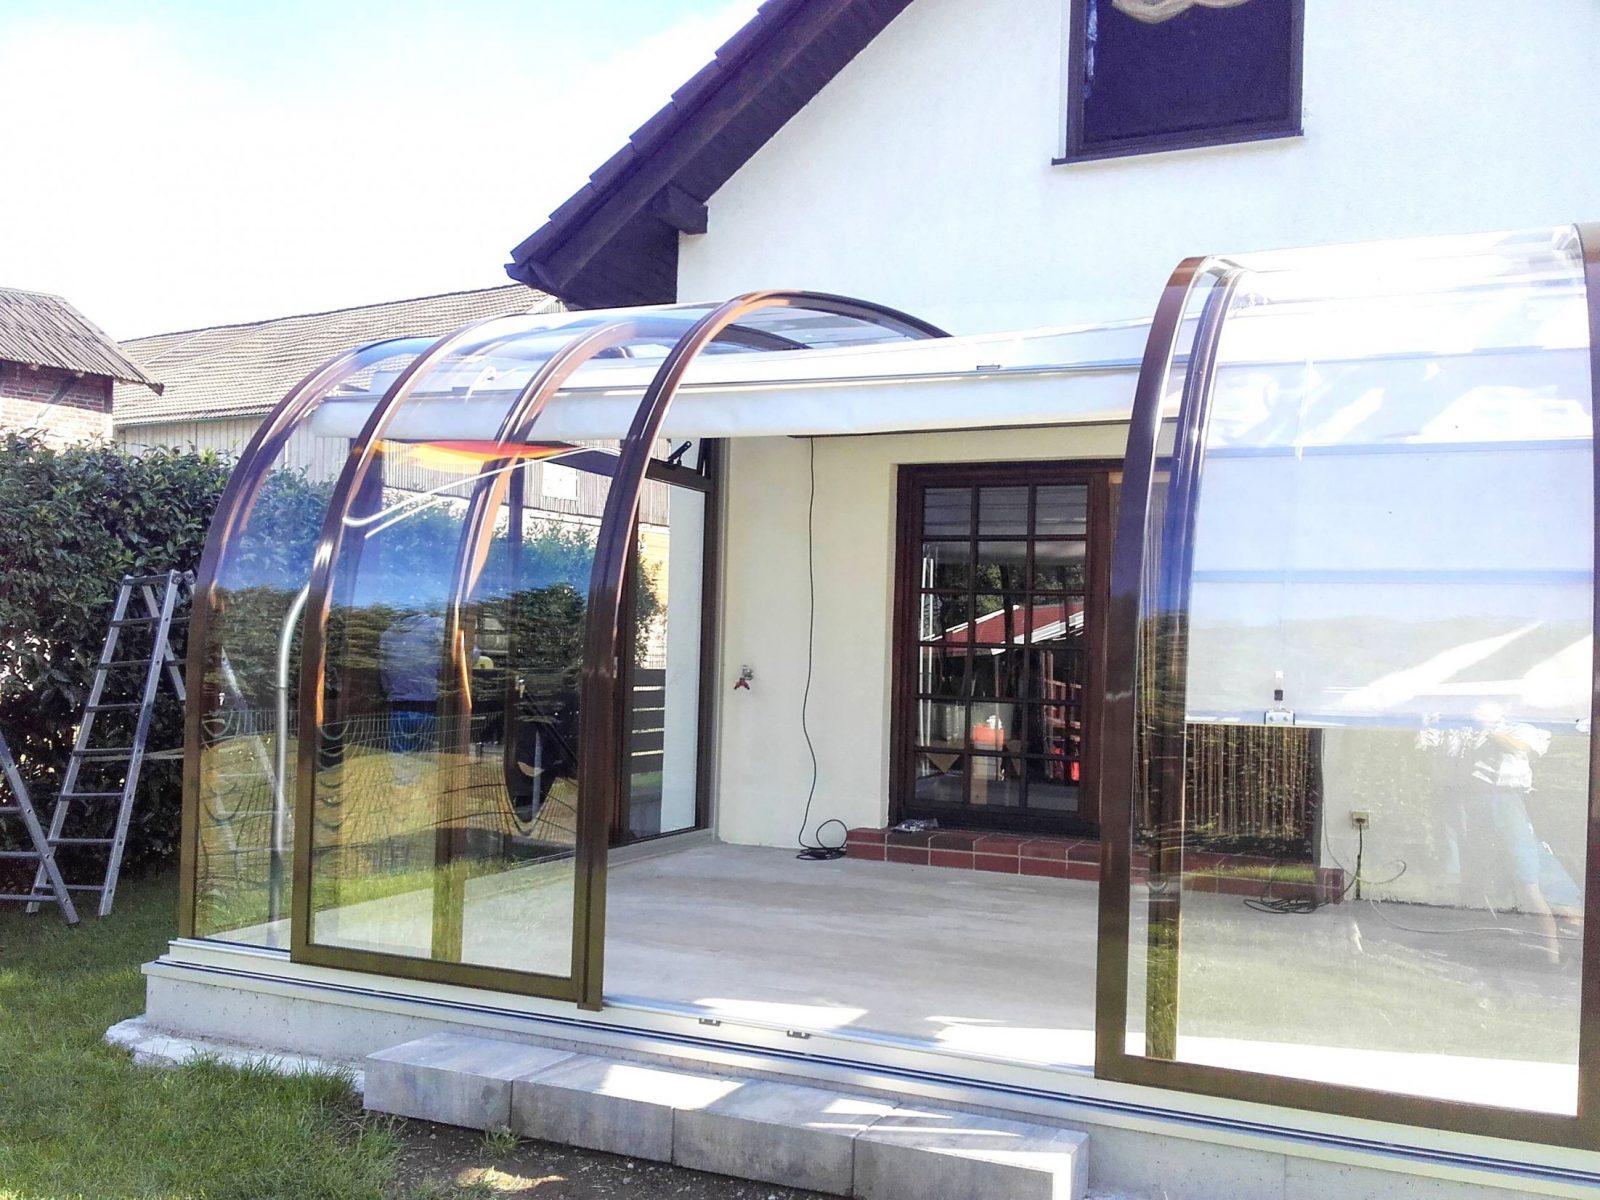 Tolle 40 Sonnenschutz Terrassenüberdachung Selber Bauen Designideen von Überdachung Terrasse Selber Bauen Photo